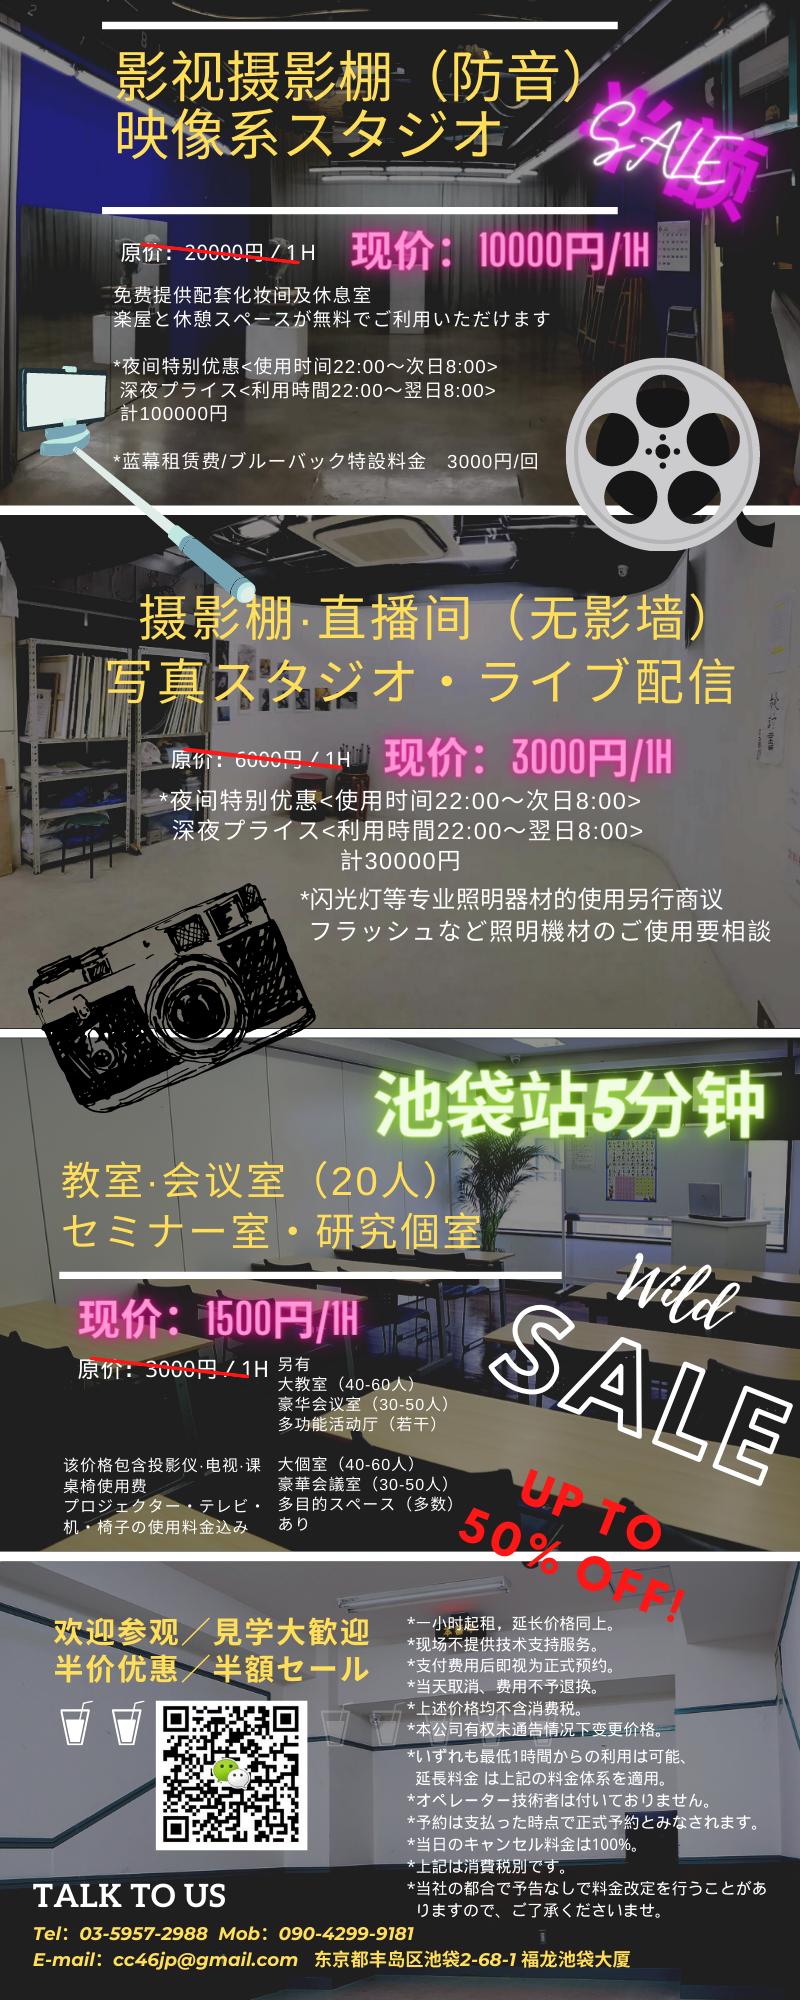 千代田美术丨展讯·中日双语·美术指导学院讲师川边真生参展「スピードLag」